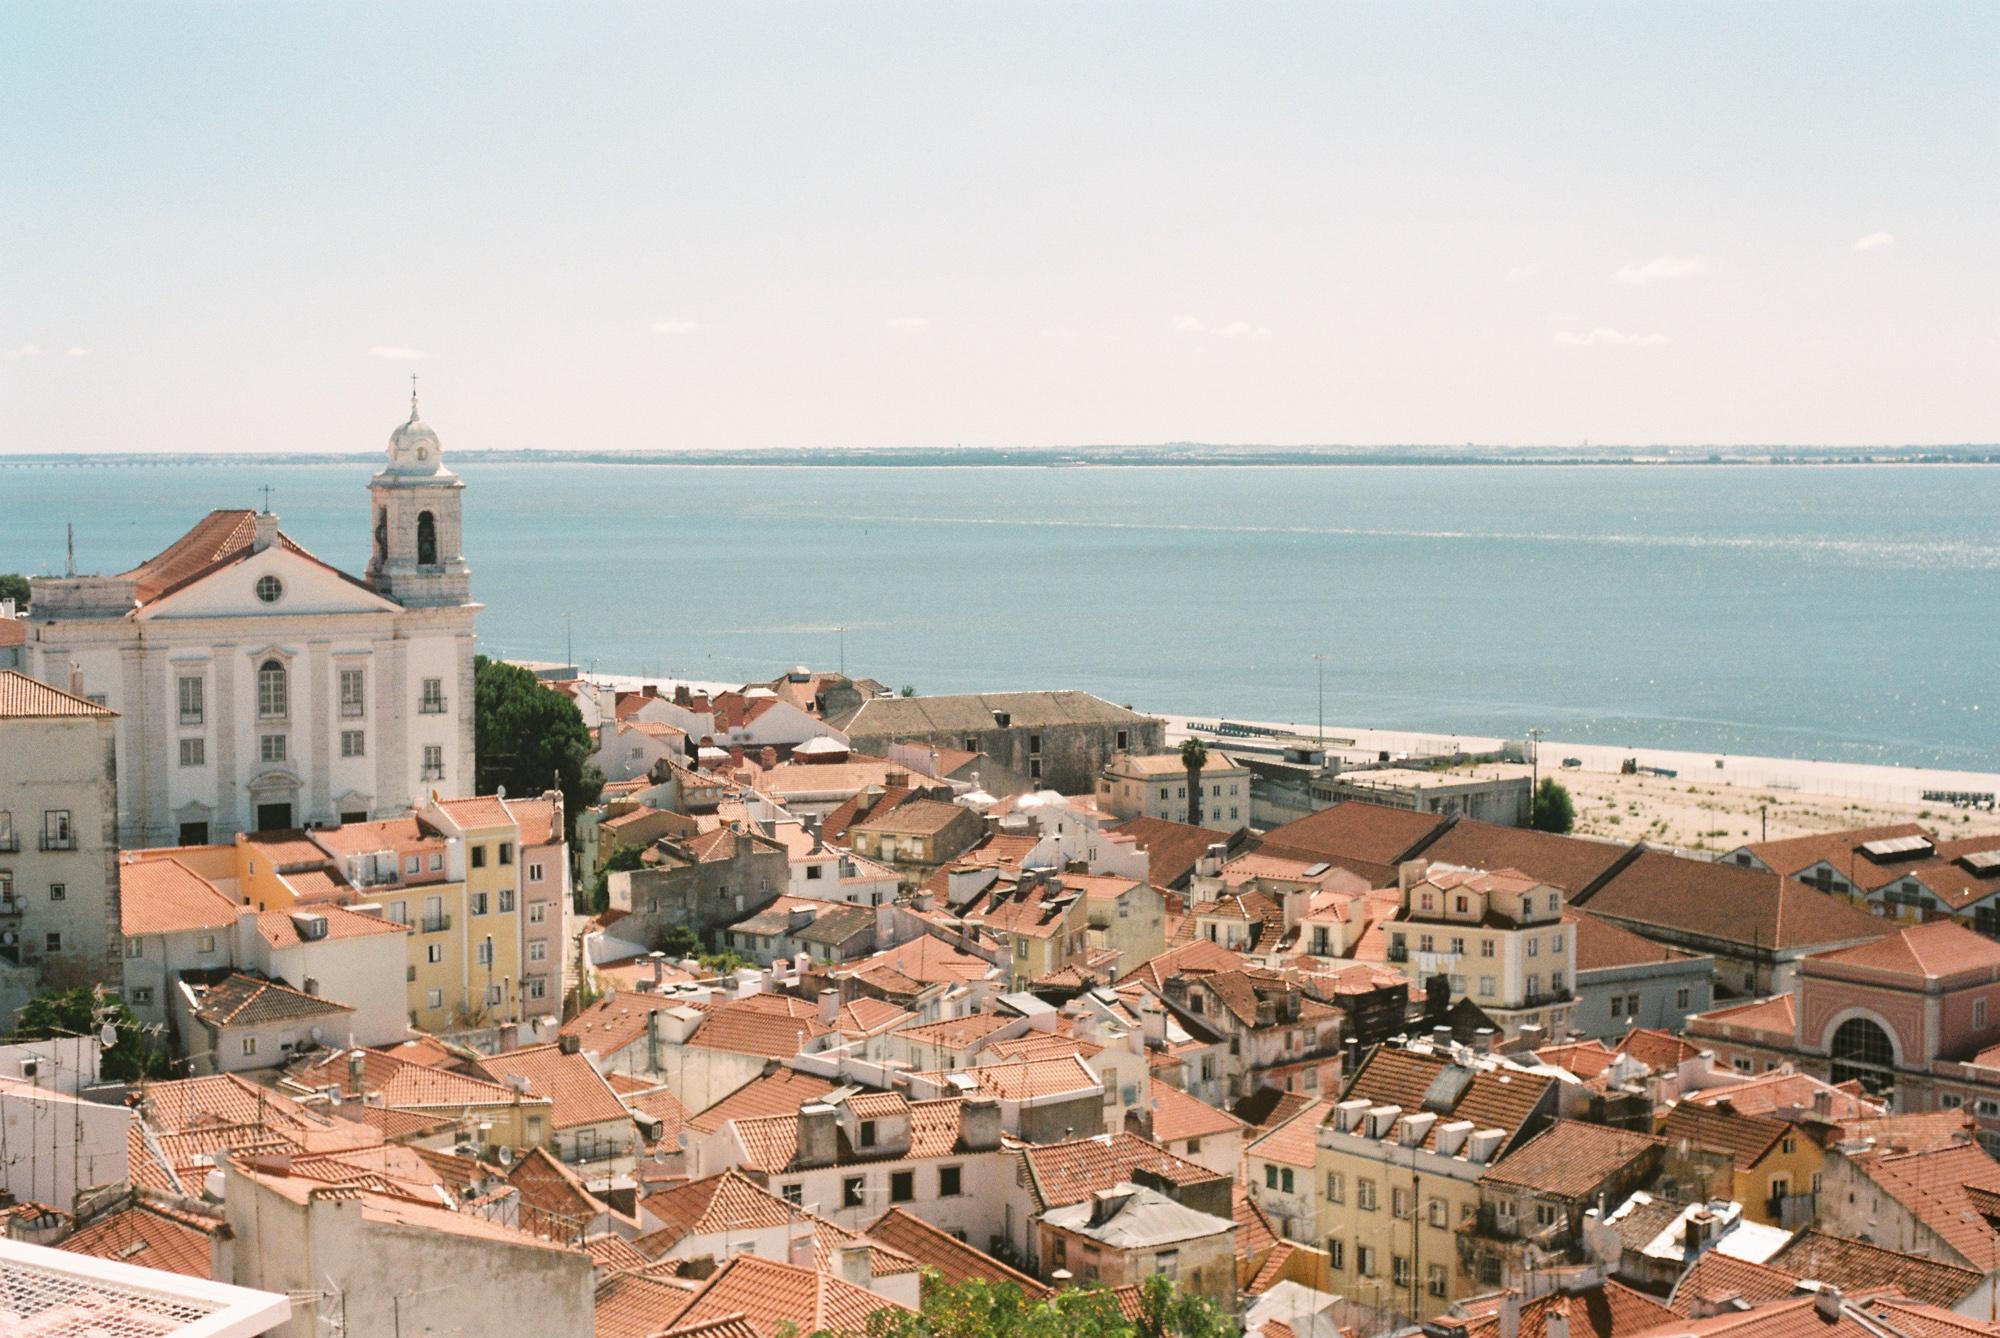 Fotografia-Analogica-Lisboa-Filme-Oceanica-27.jpg